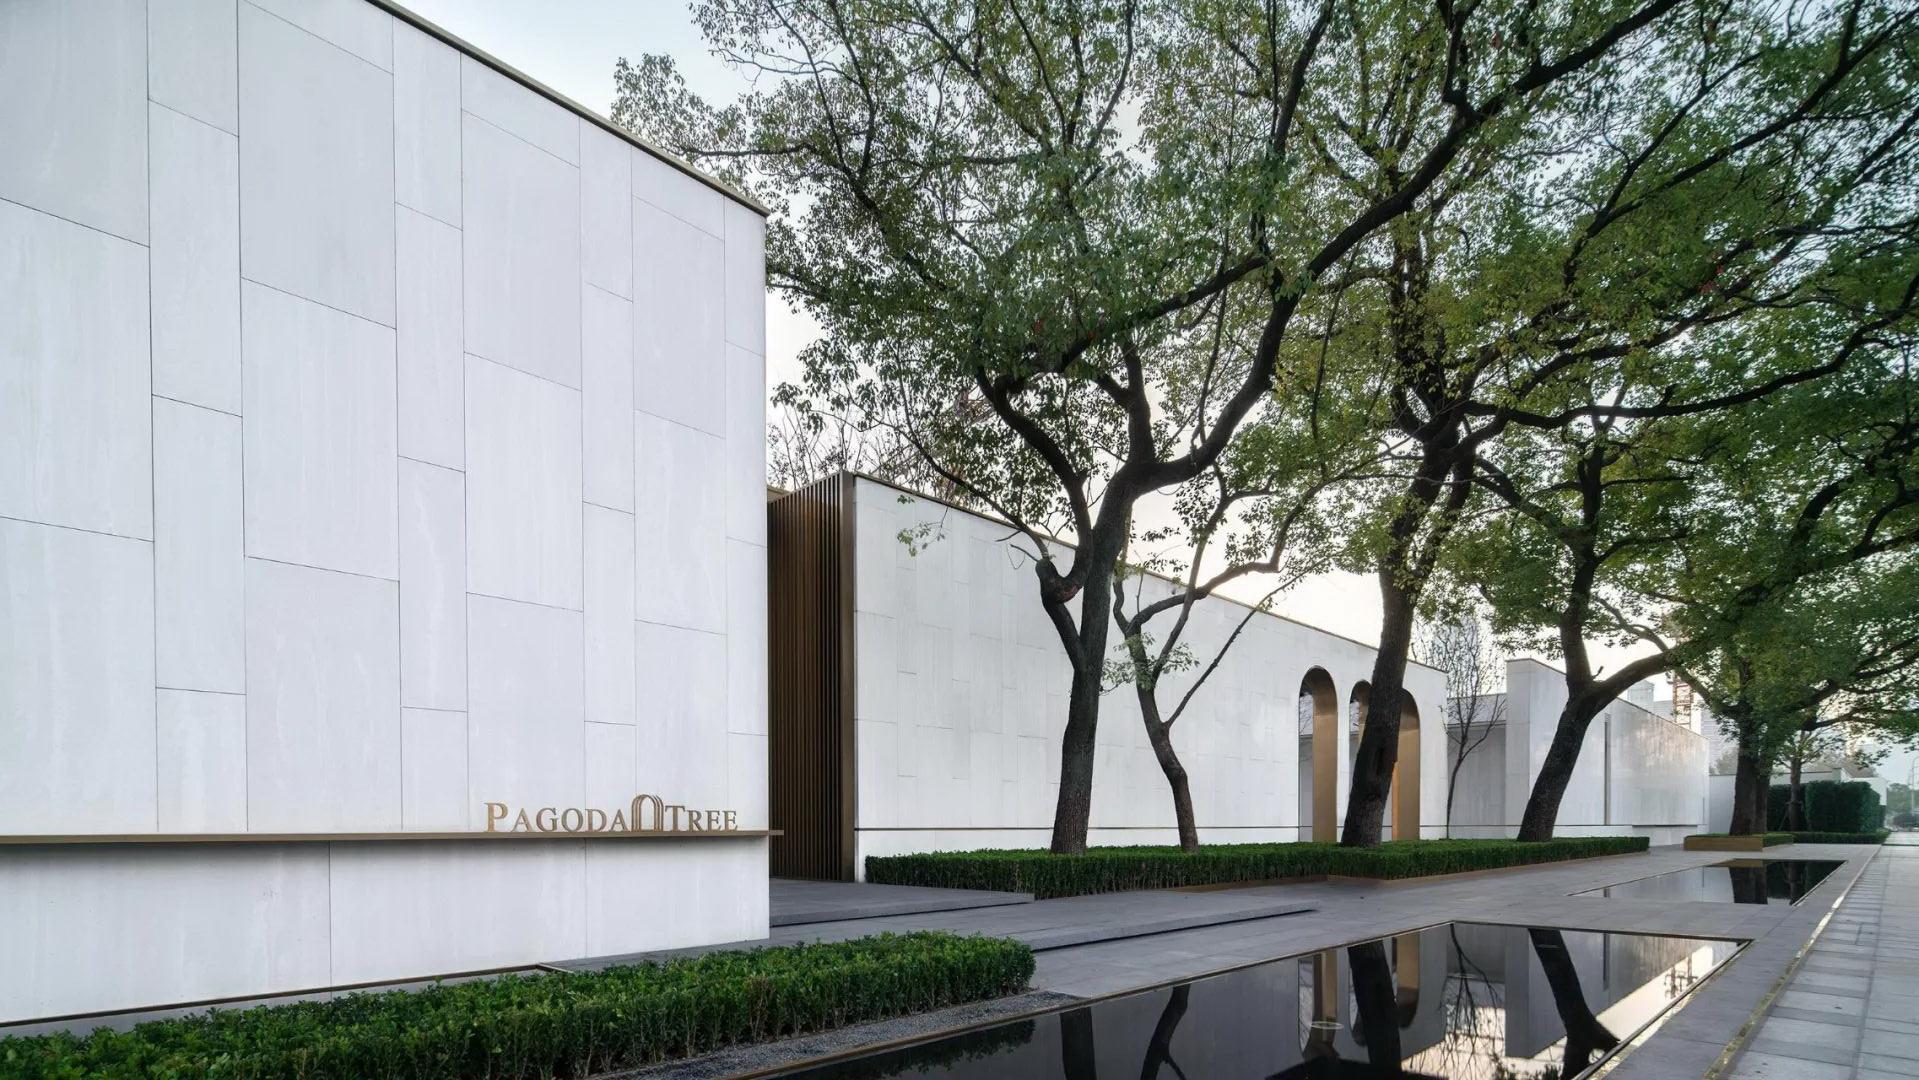 宁波万科槐树路256号建筑设计 /致逸设计